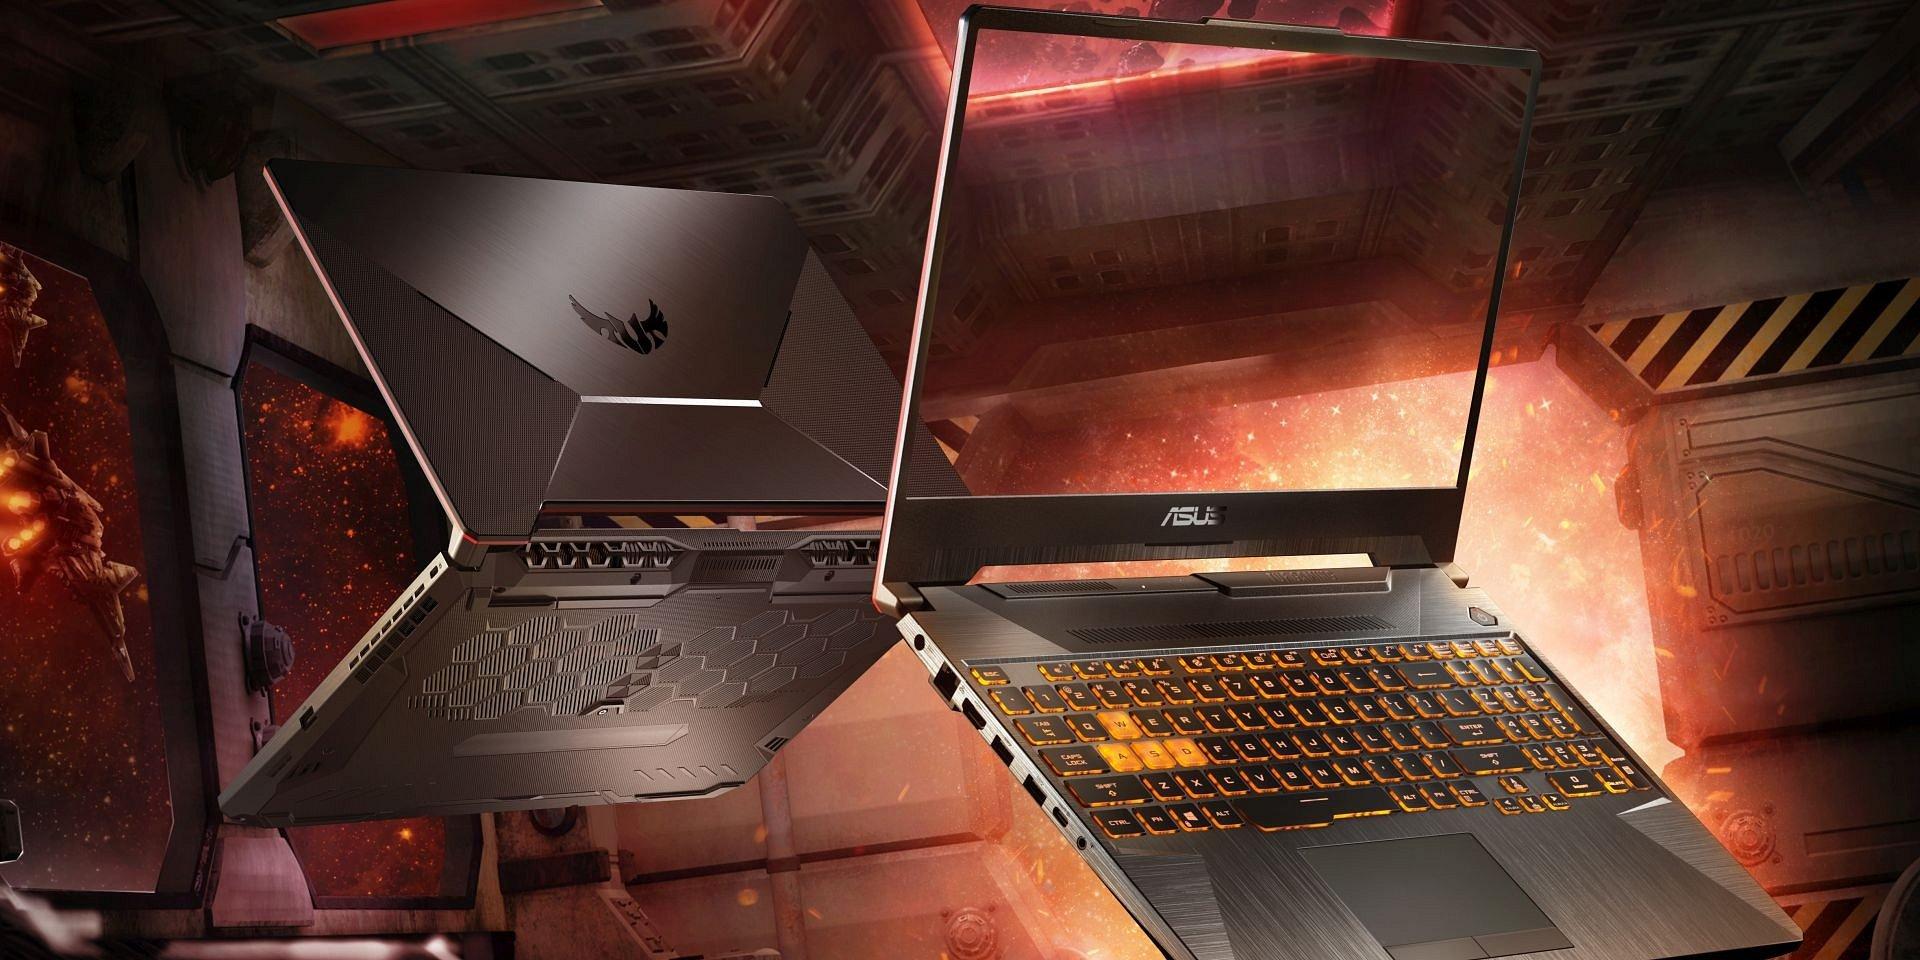 Nowe laptopy ASUS TUF Gaming zaprezentowane na targach CES 2020